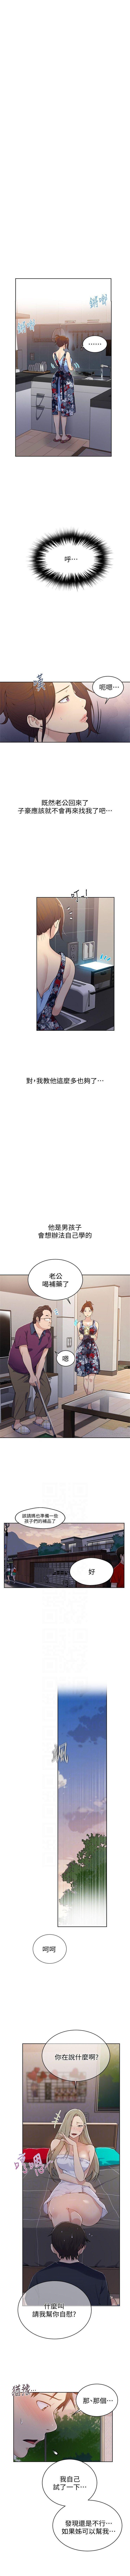 秘密教學  1-63 官方中文(連載中) 58